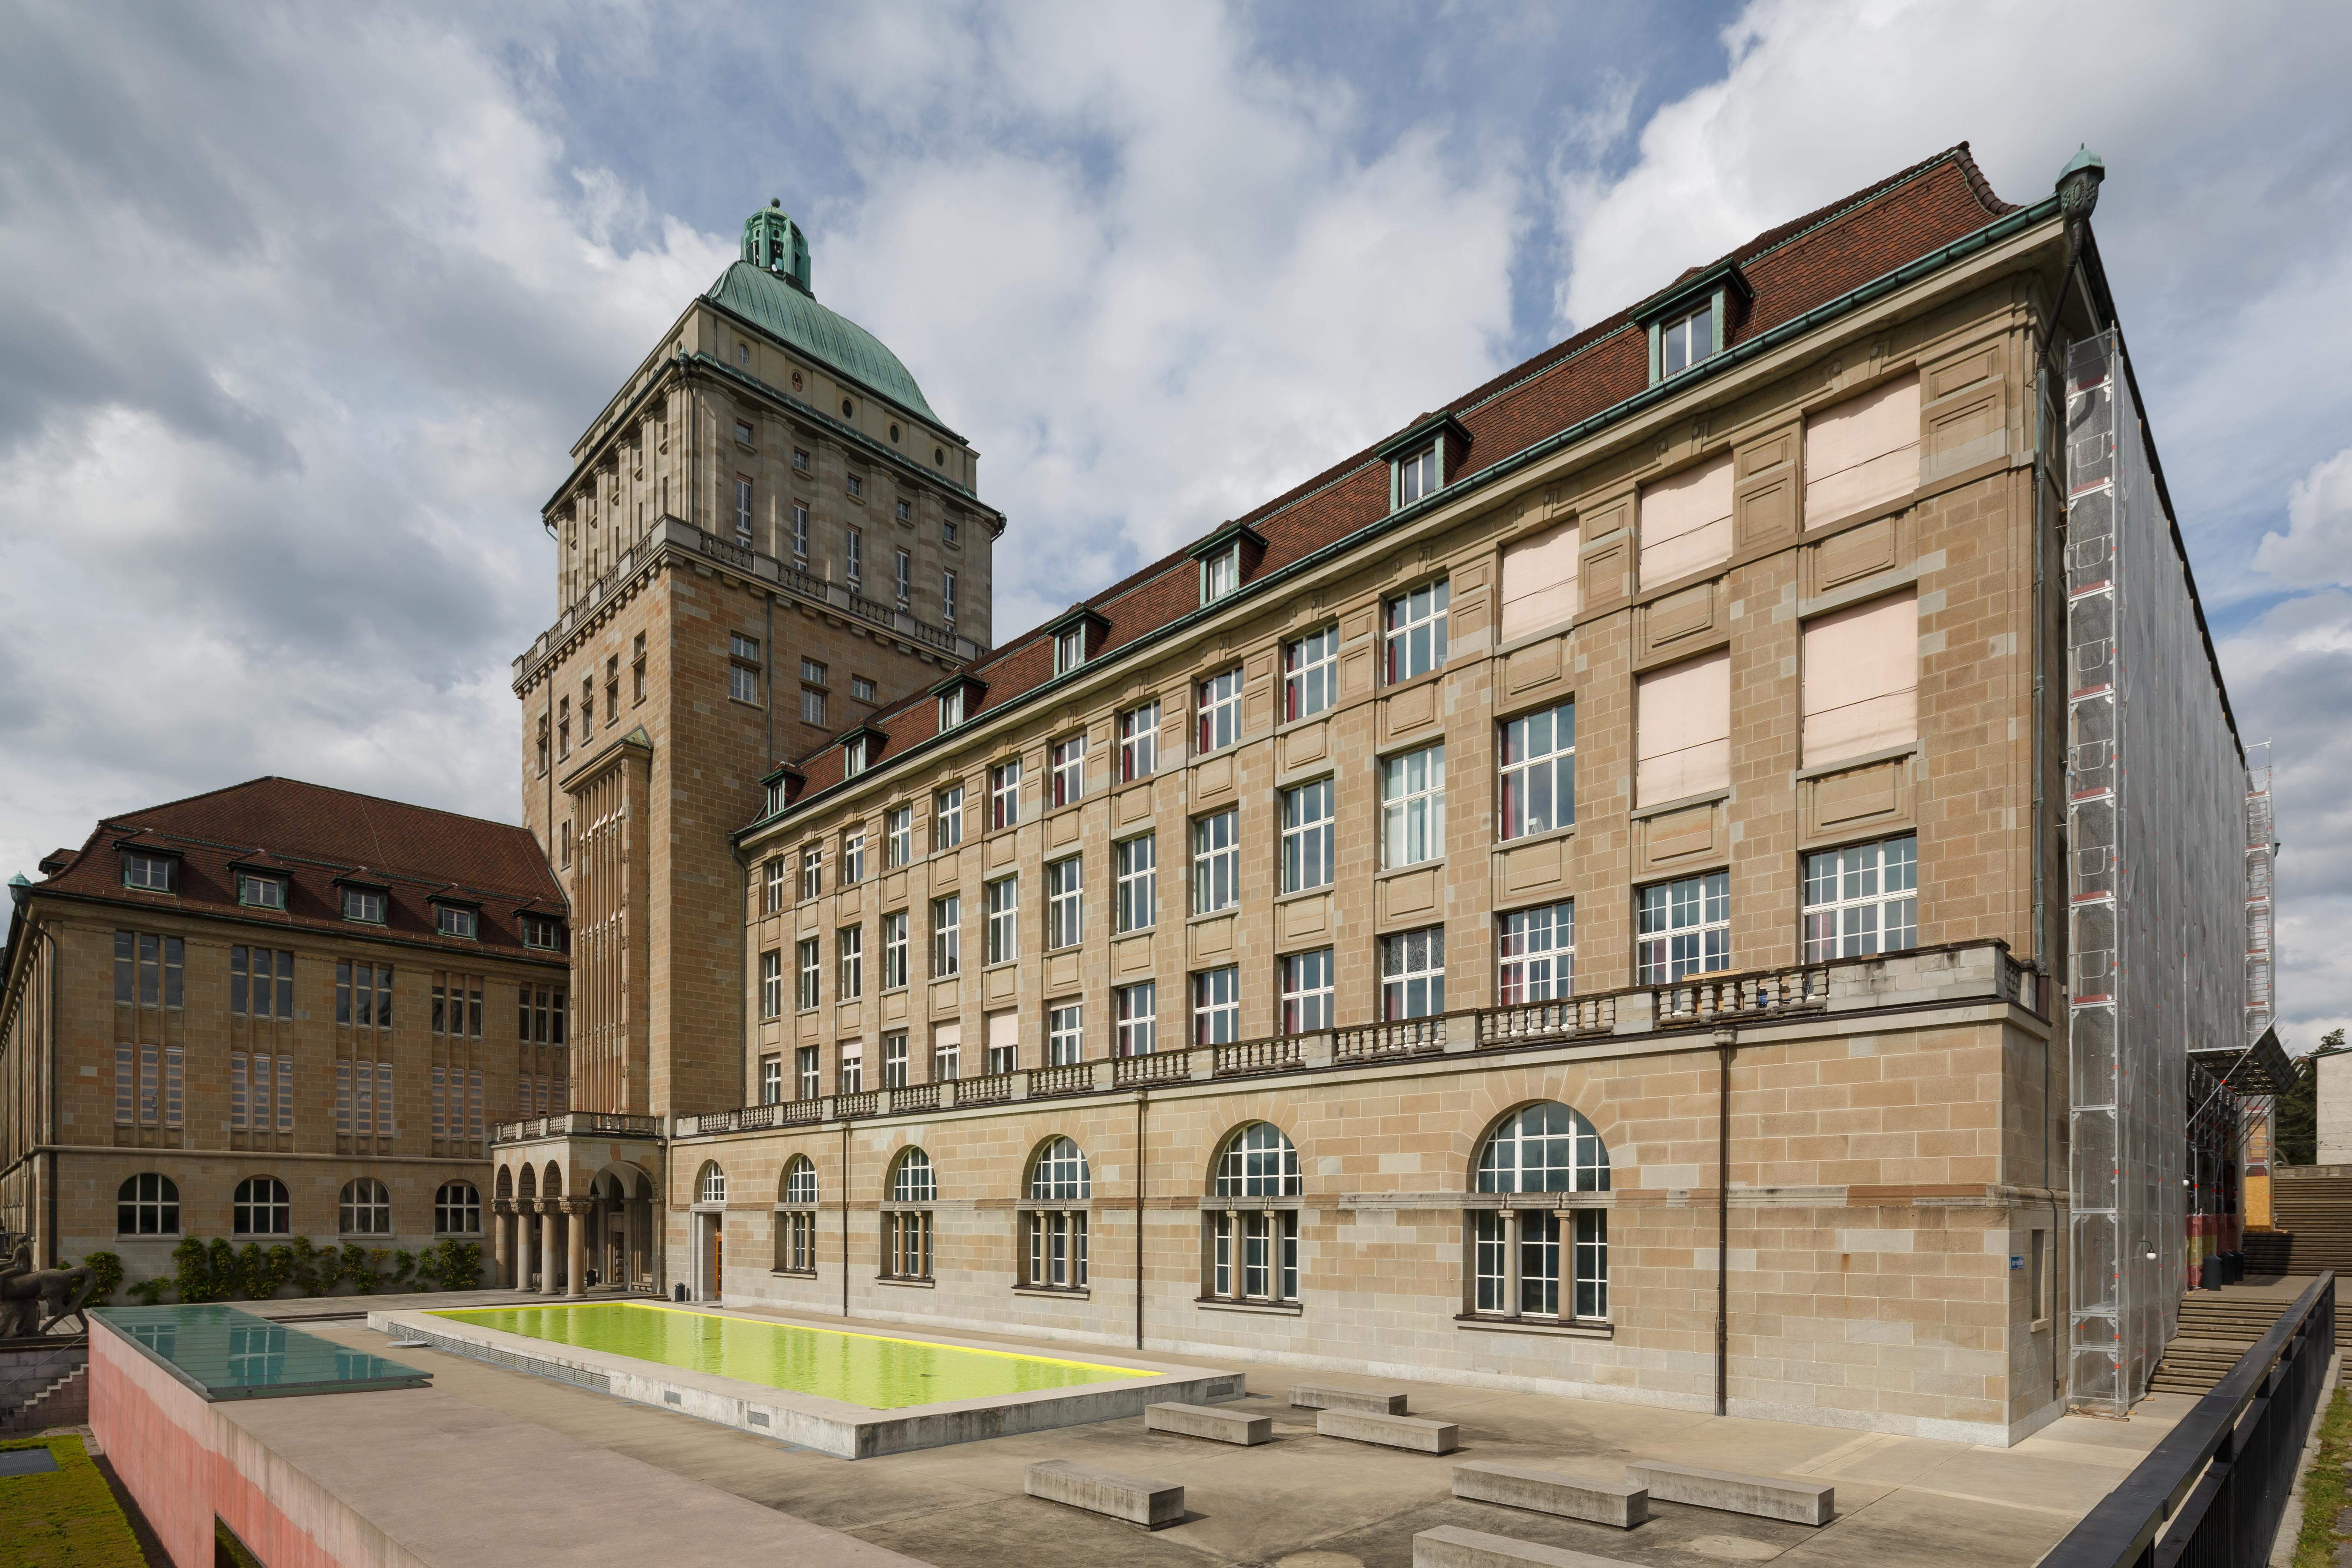 Zürich Switzerland-University-of-Zurich-Main-Building-01.jpg